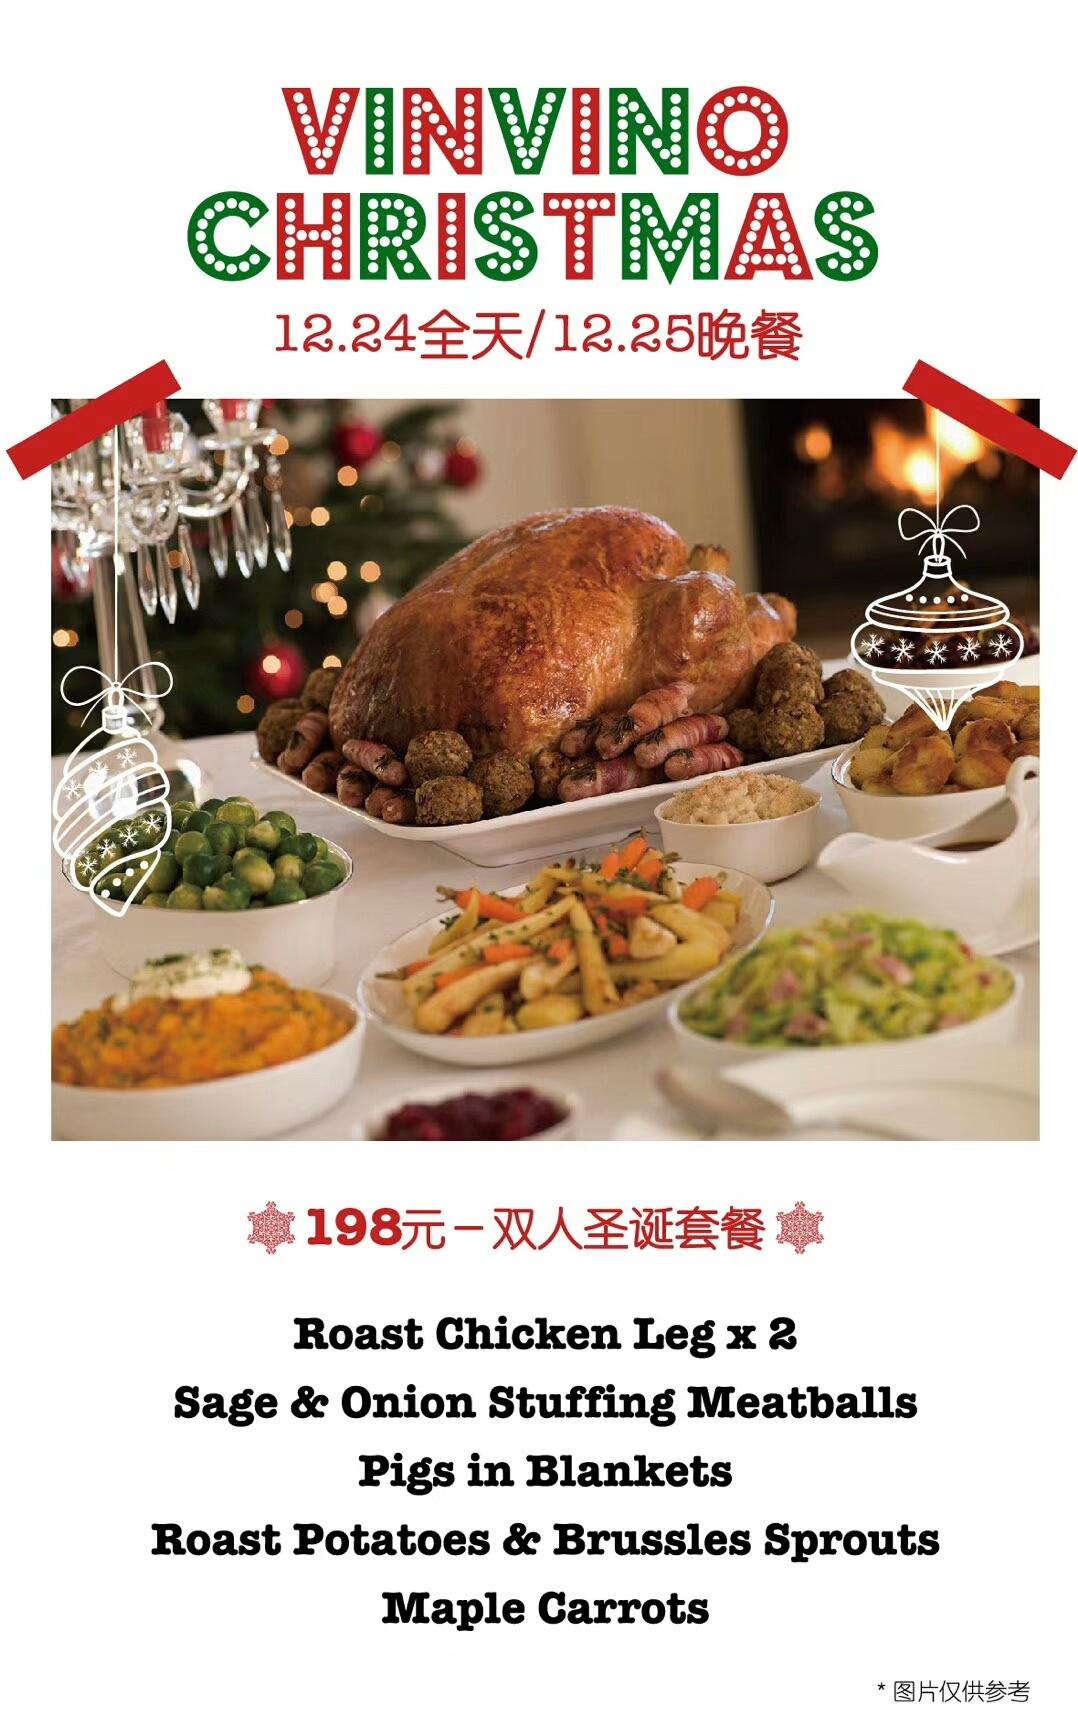 beijing christmas dinner 2017 VinVino